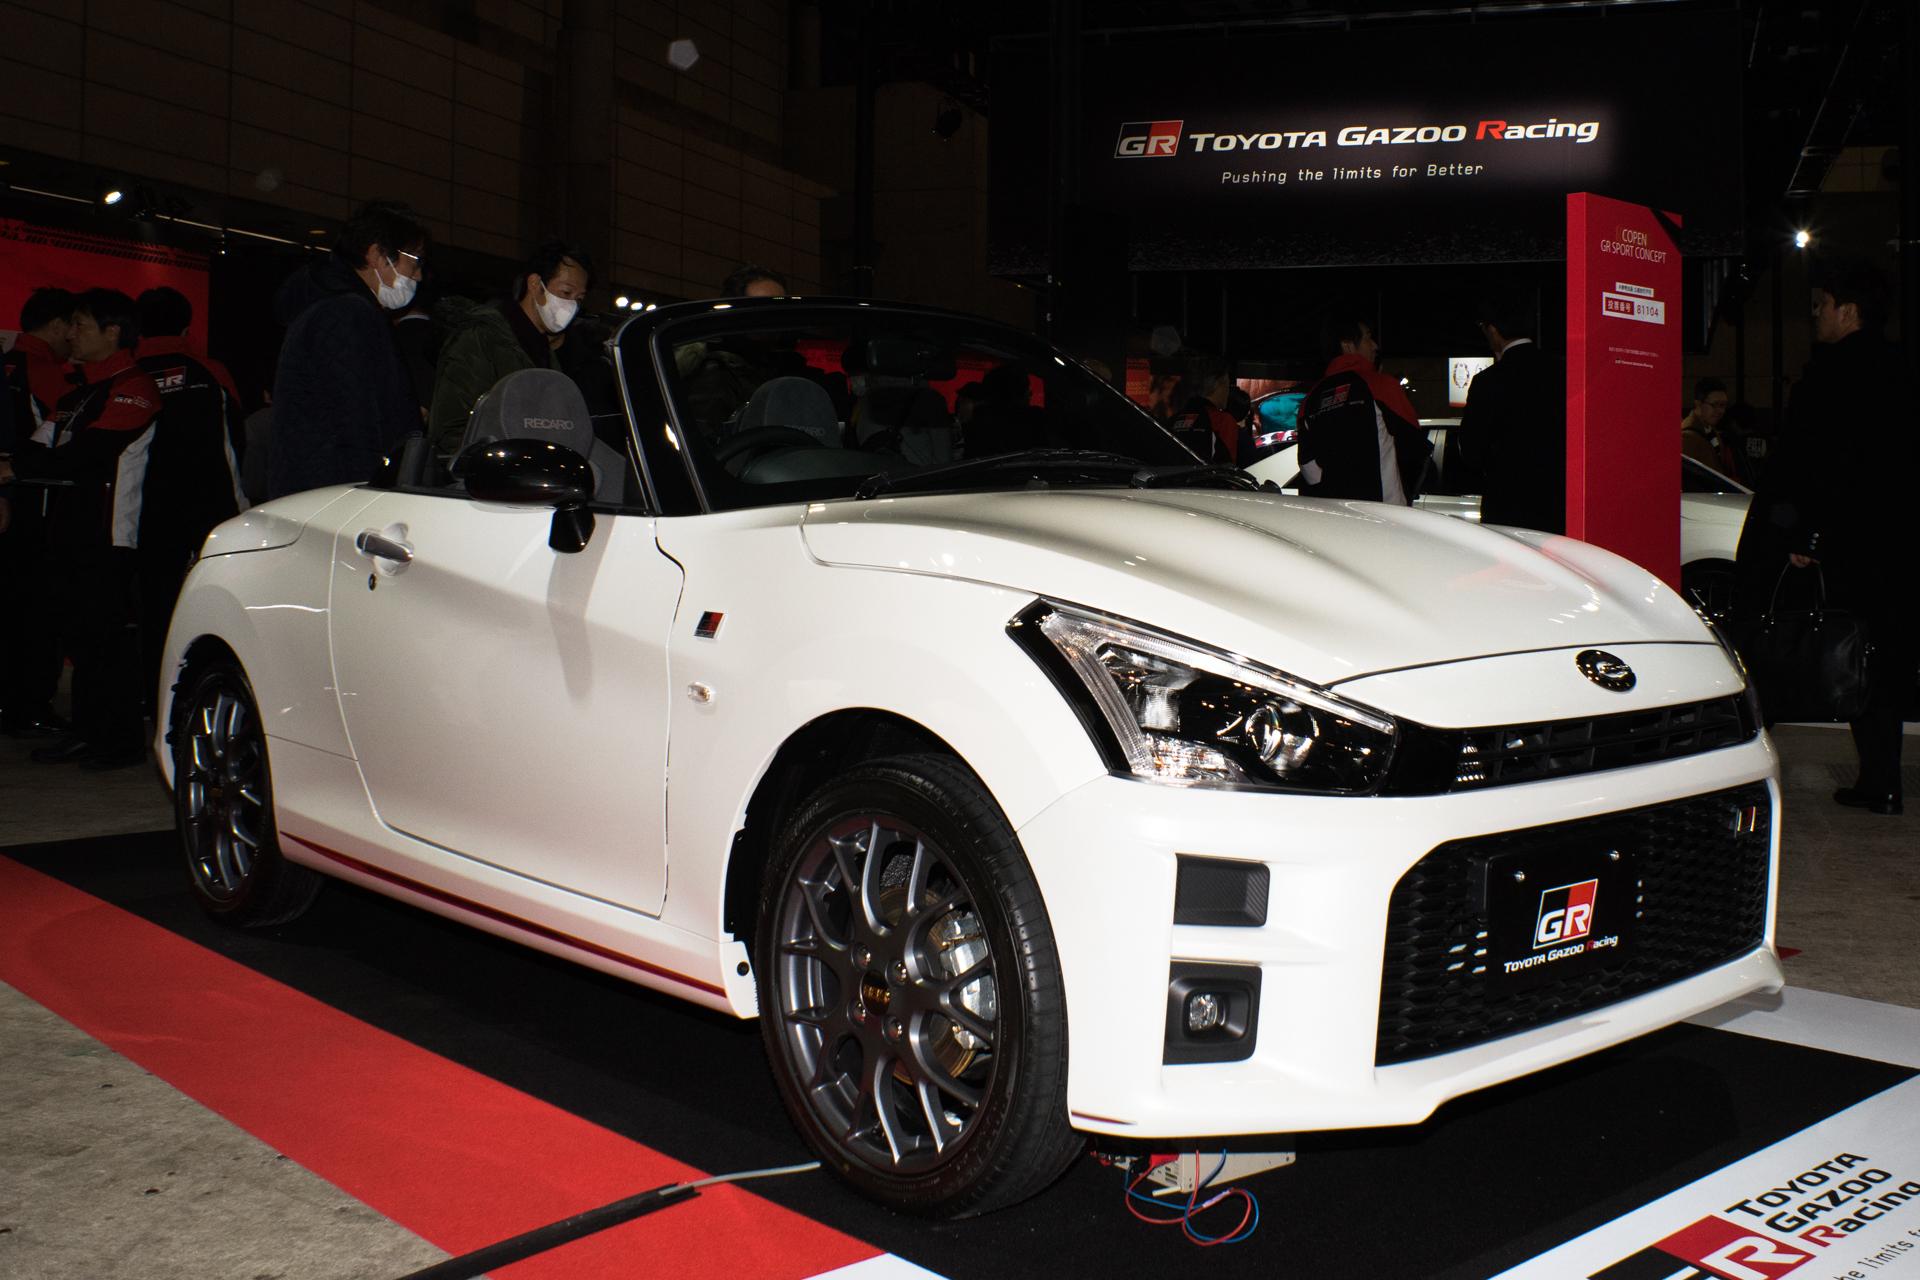 東京オートサロン2019 TOYOTA GAZOO Racing GRコペンGRスポーツコンセプト